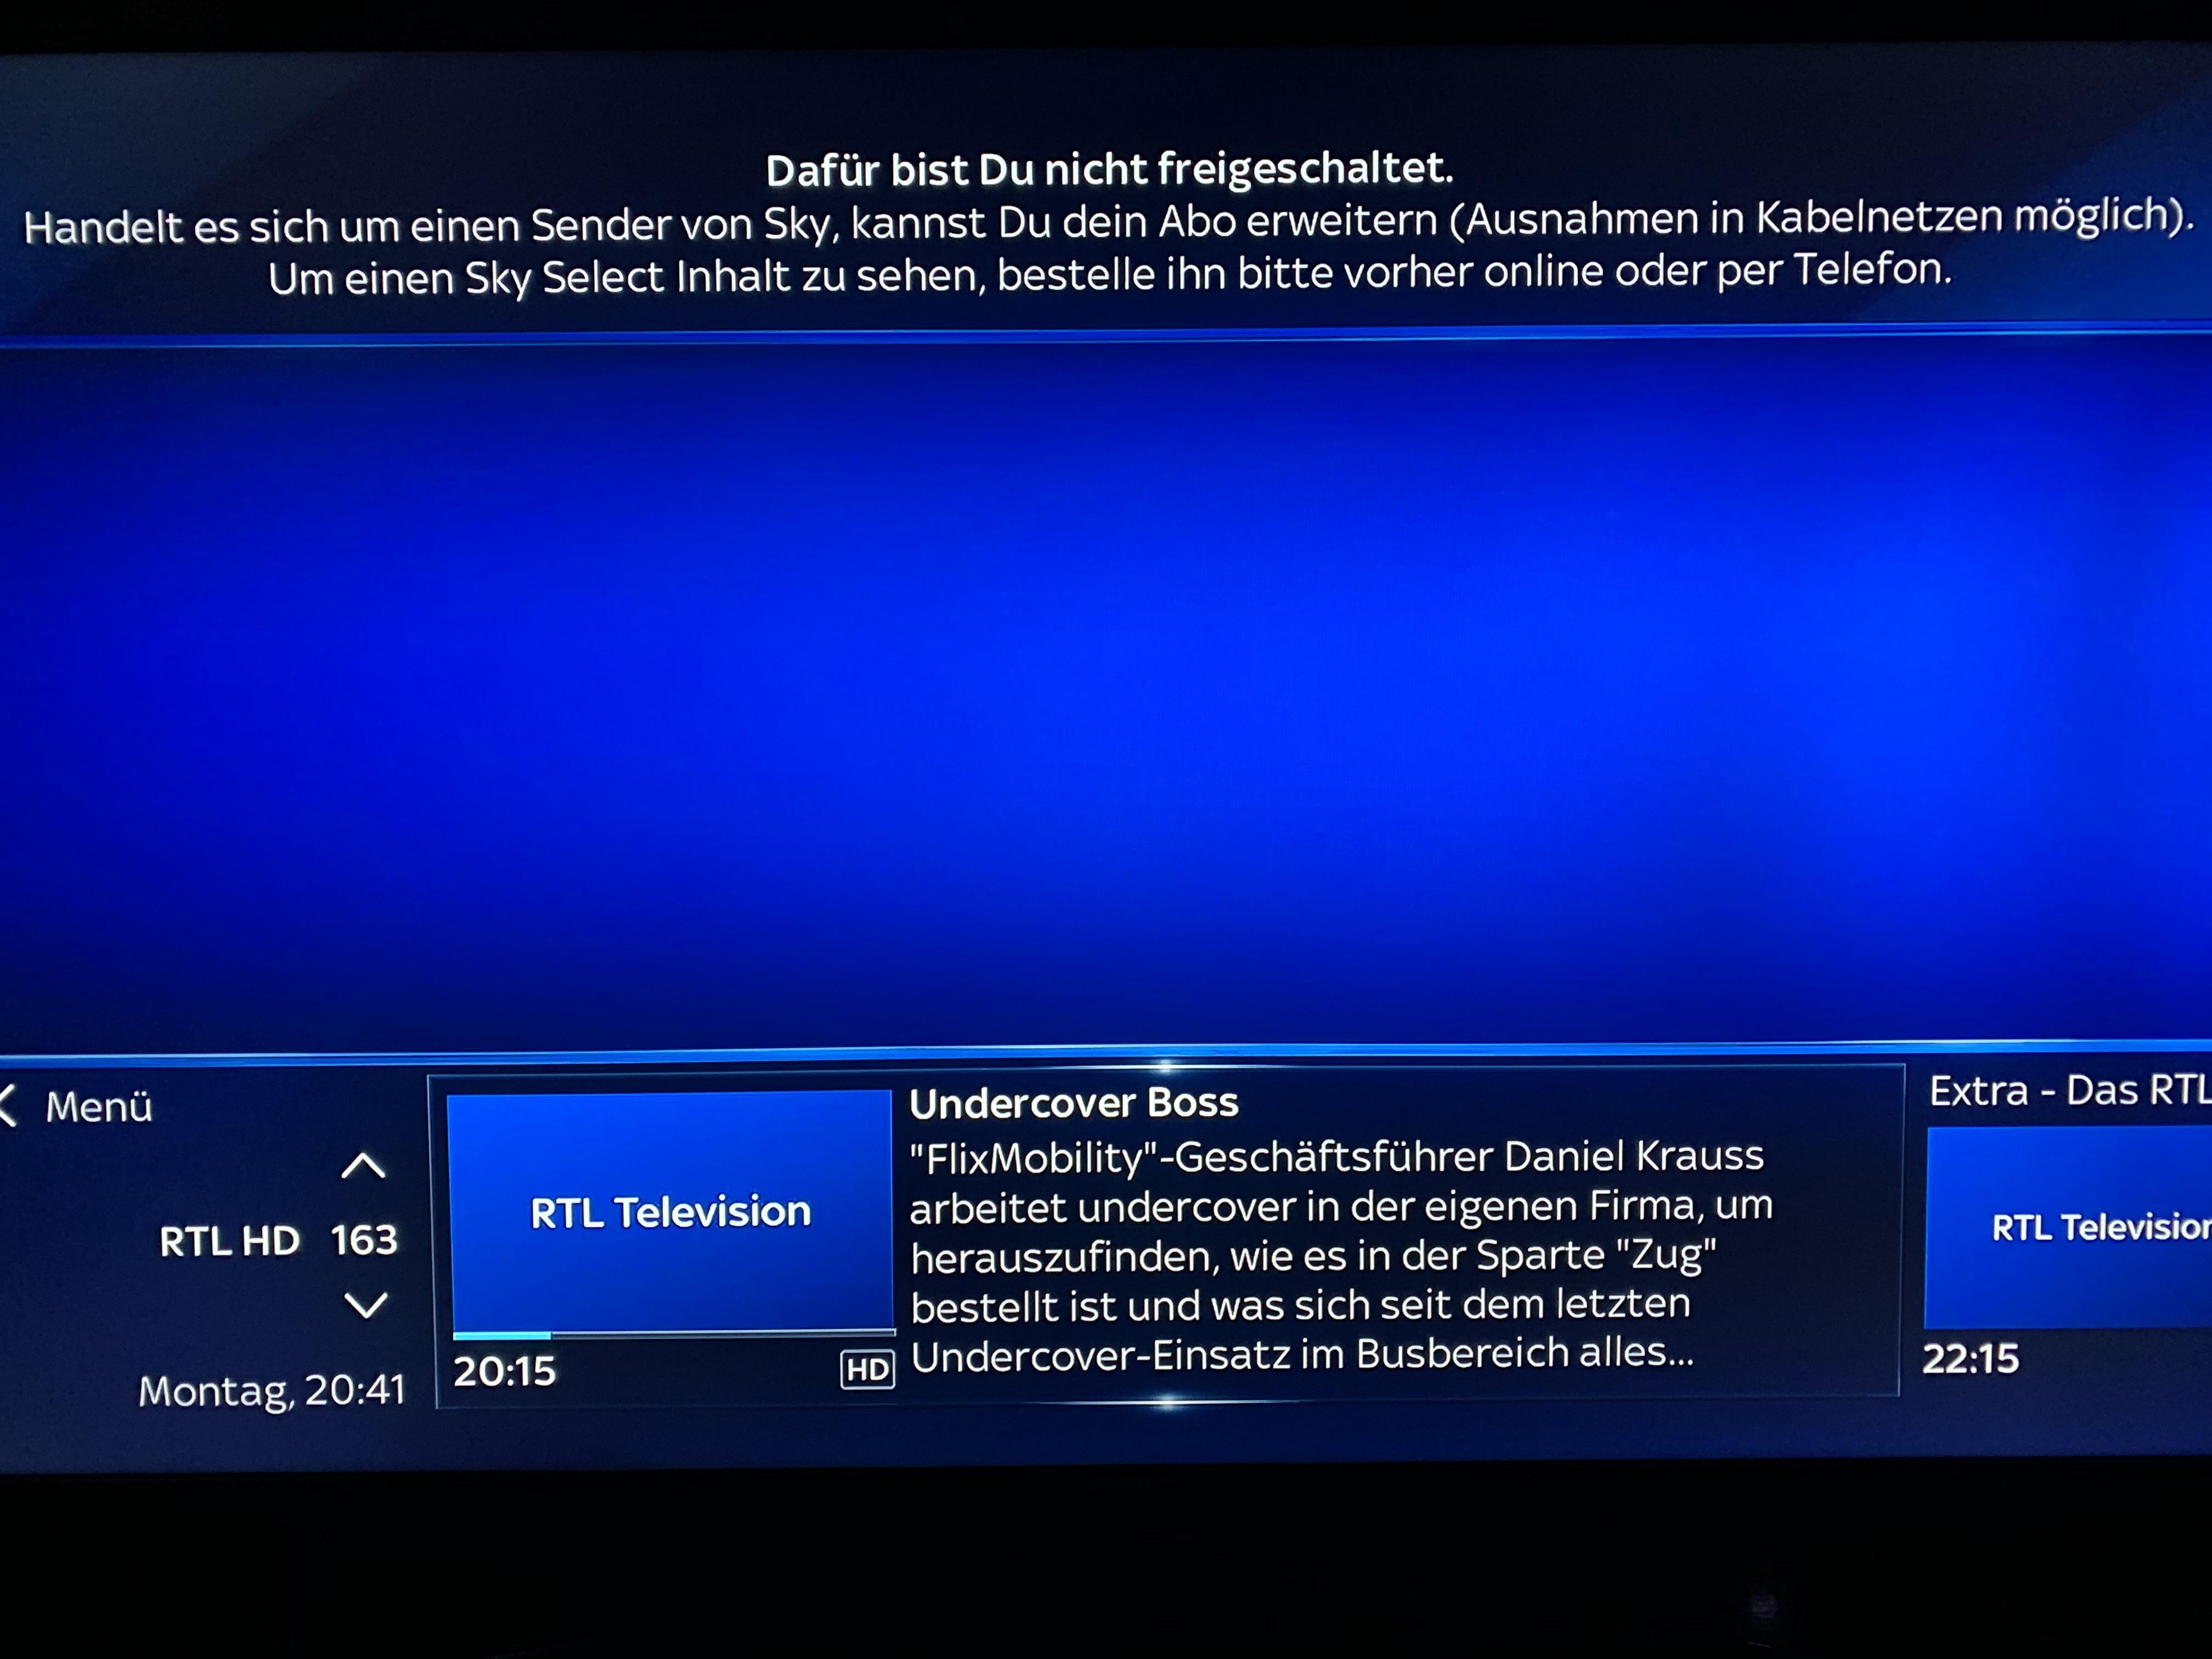 Sky Sender Nicht Freigeschaltet